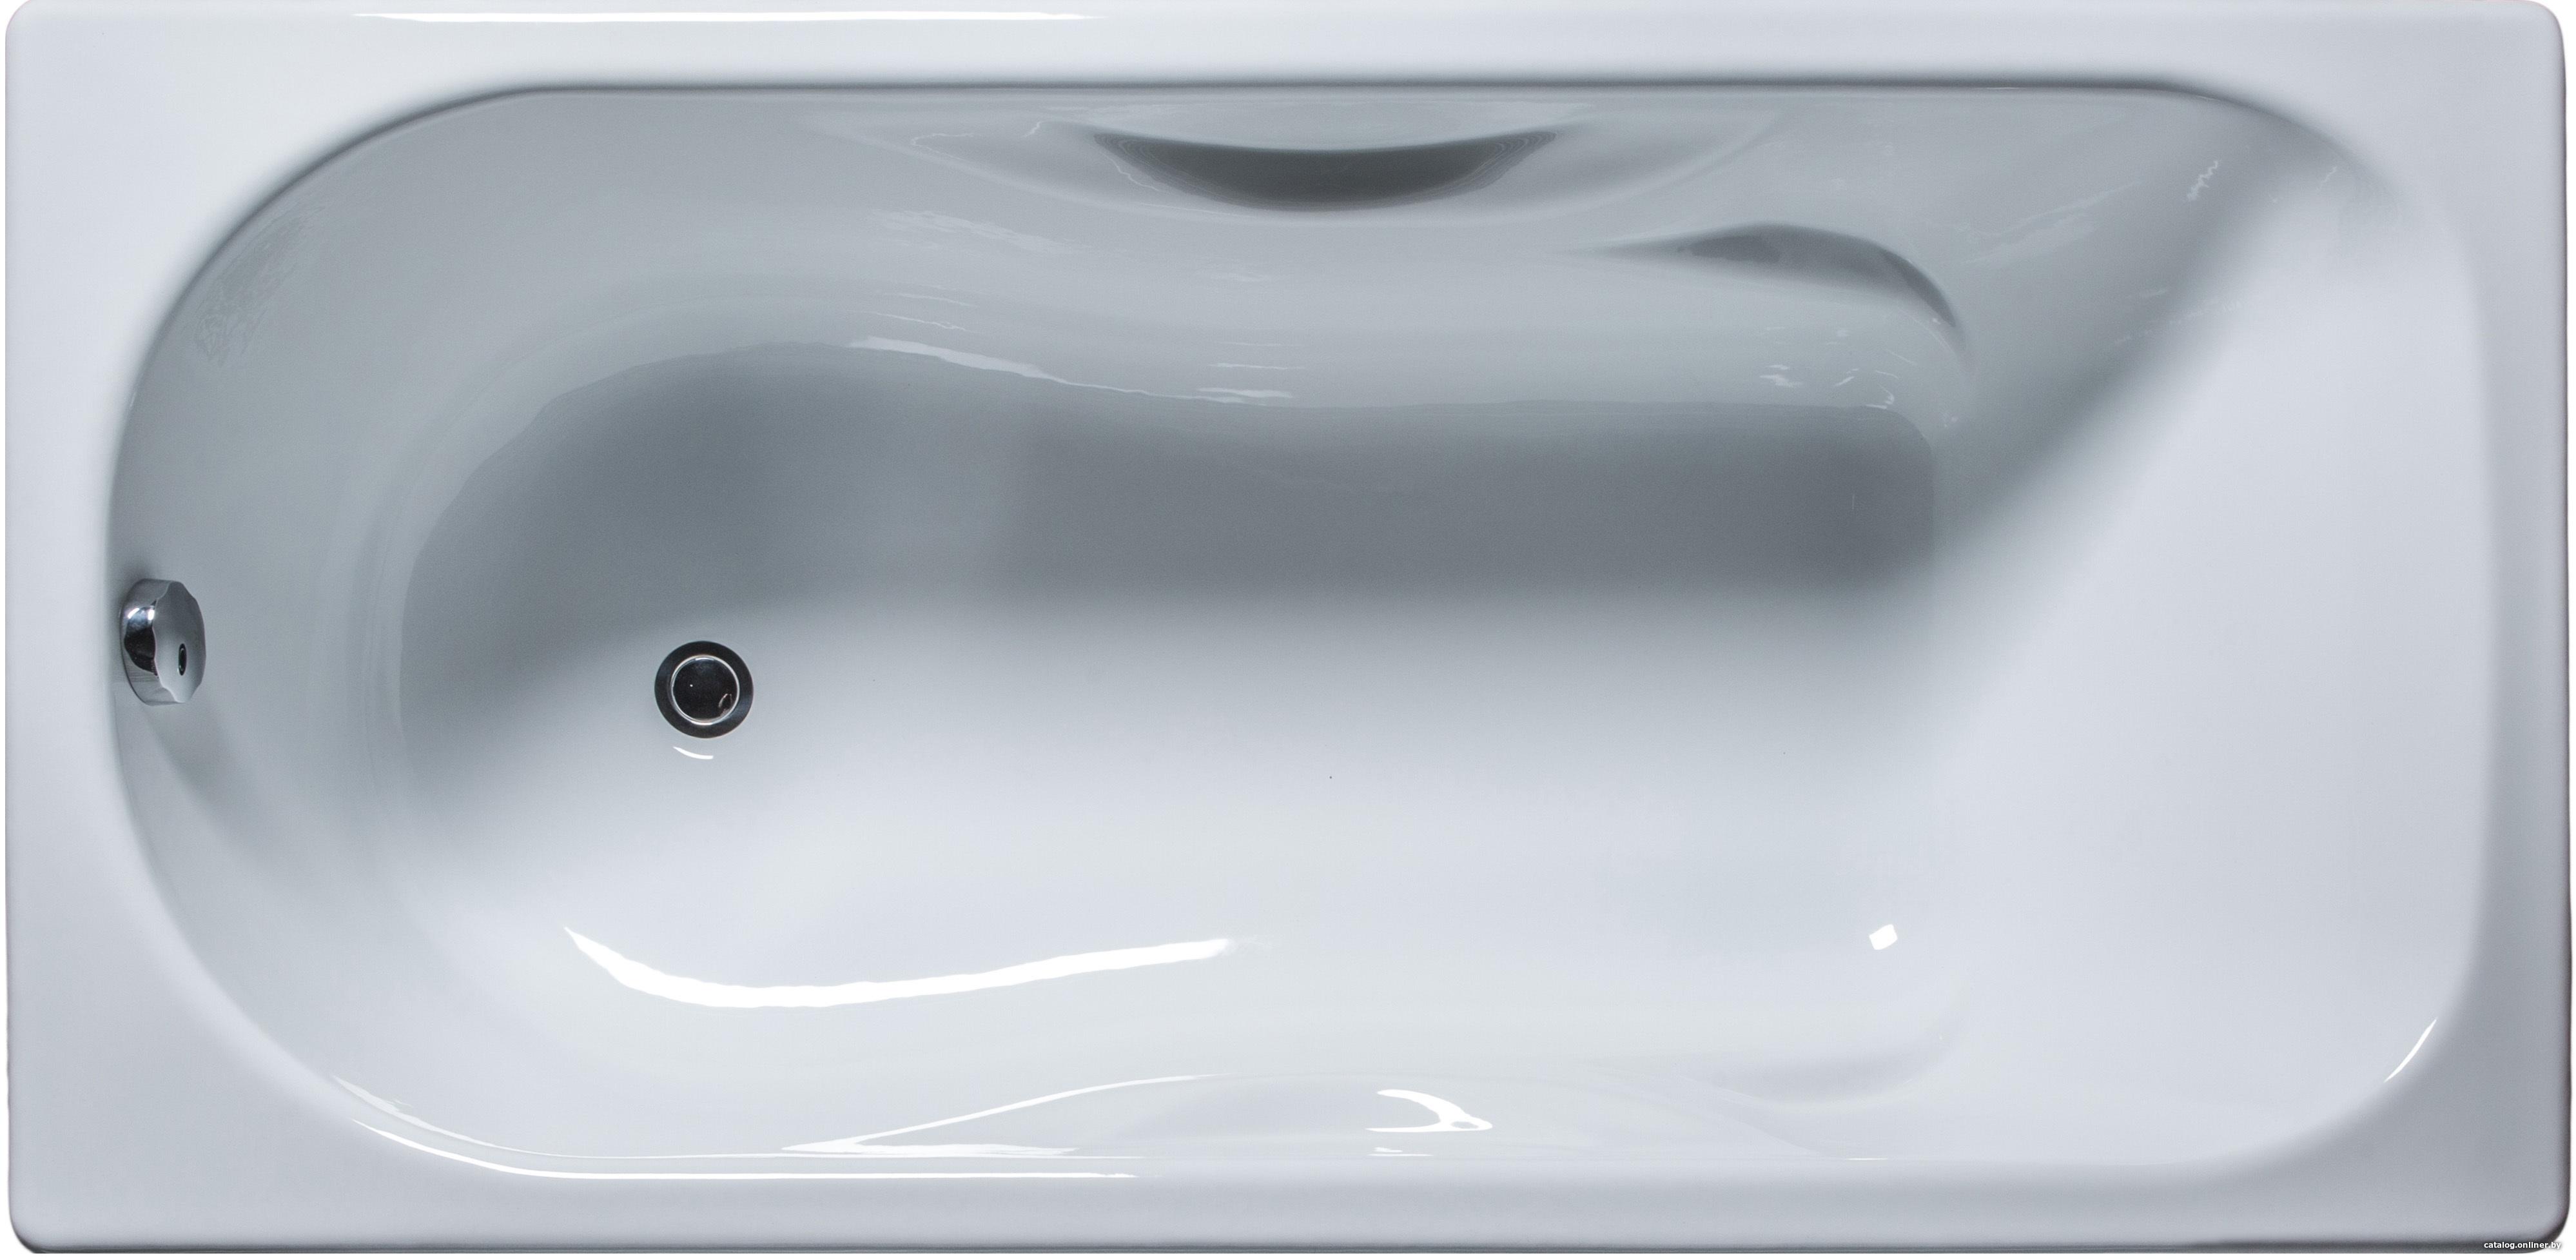 Универсал ВЧ-1500 «Сибирячка» 150x75 ванну купить в Минске 12876bec884